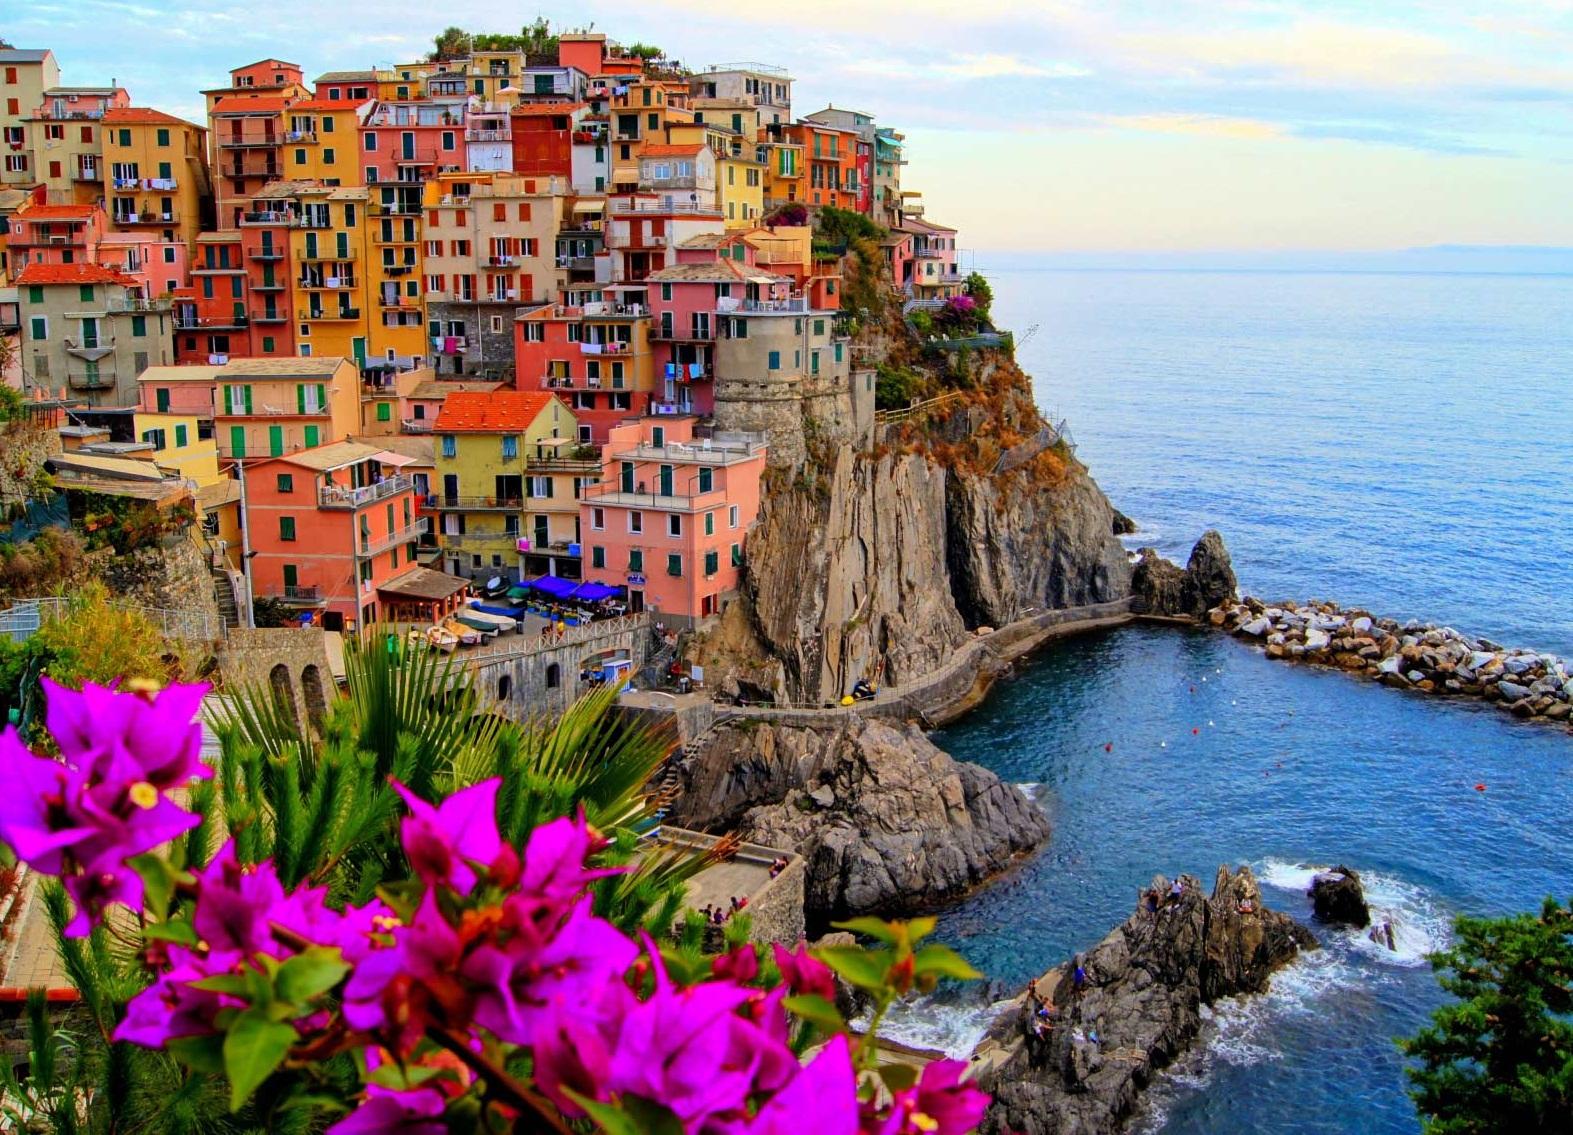 фото сан марино италия